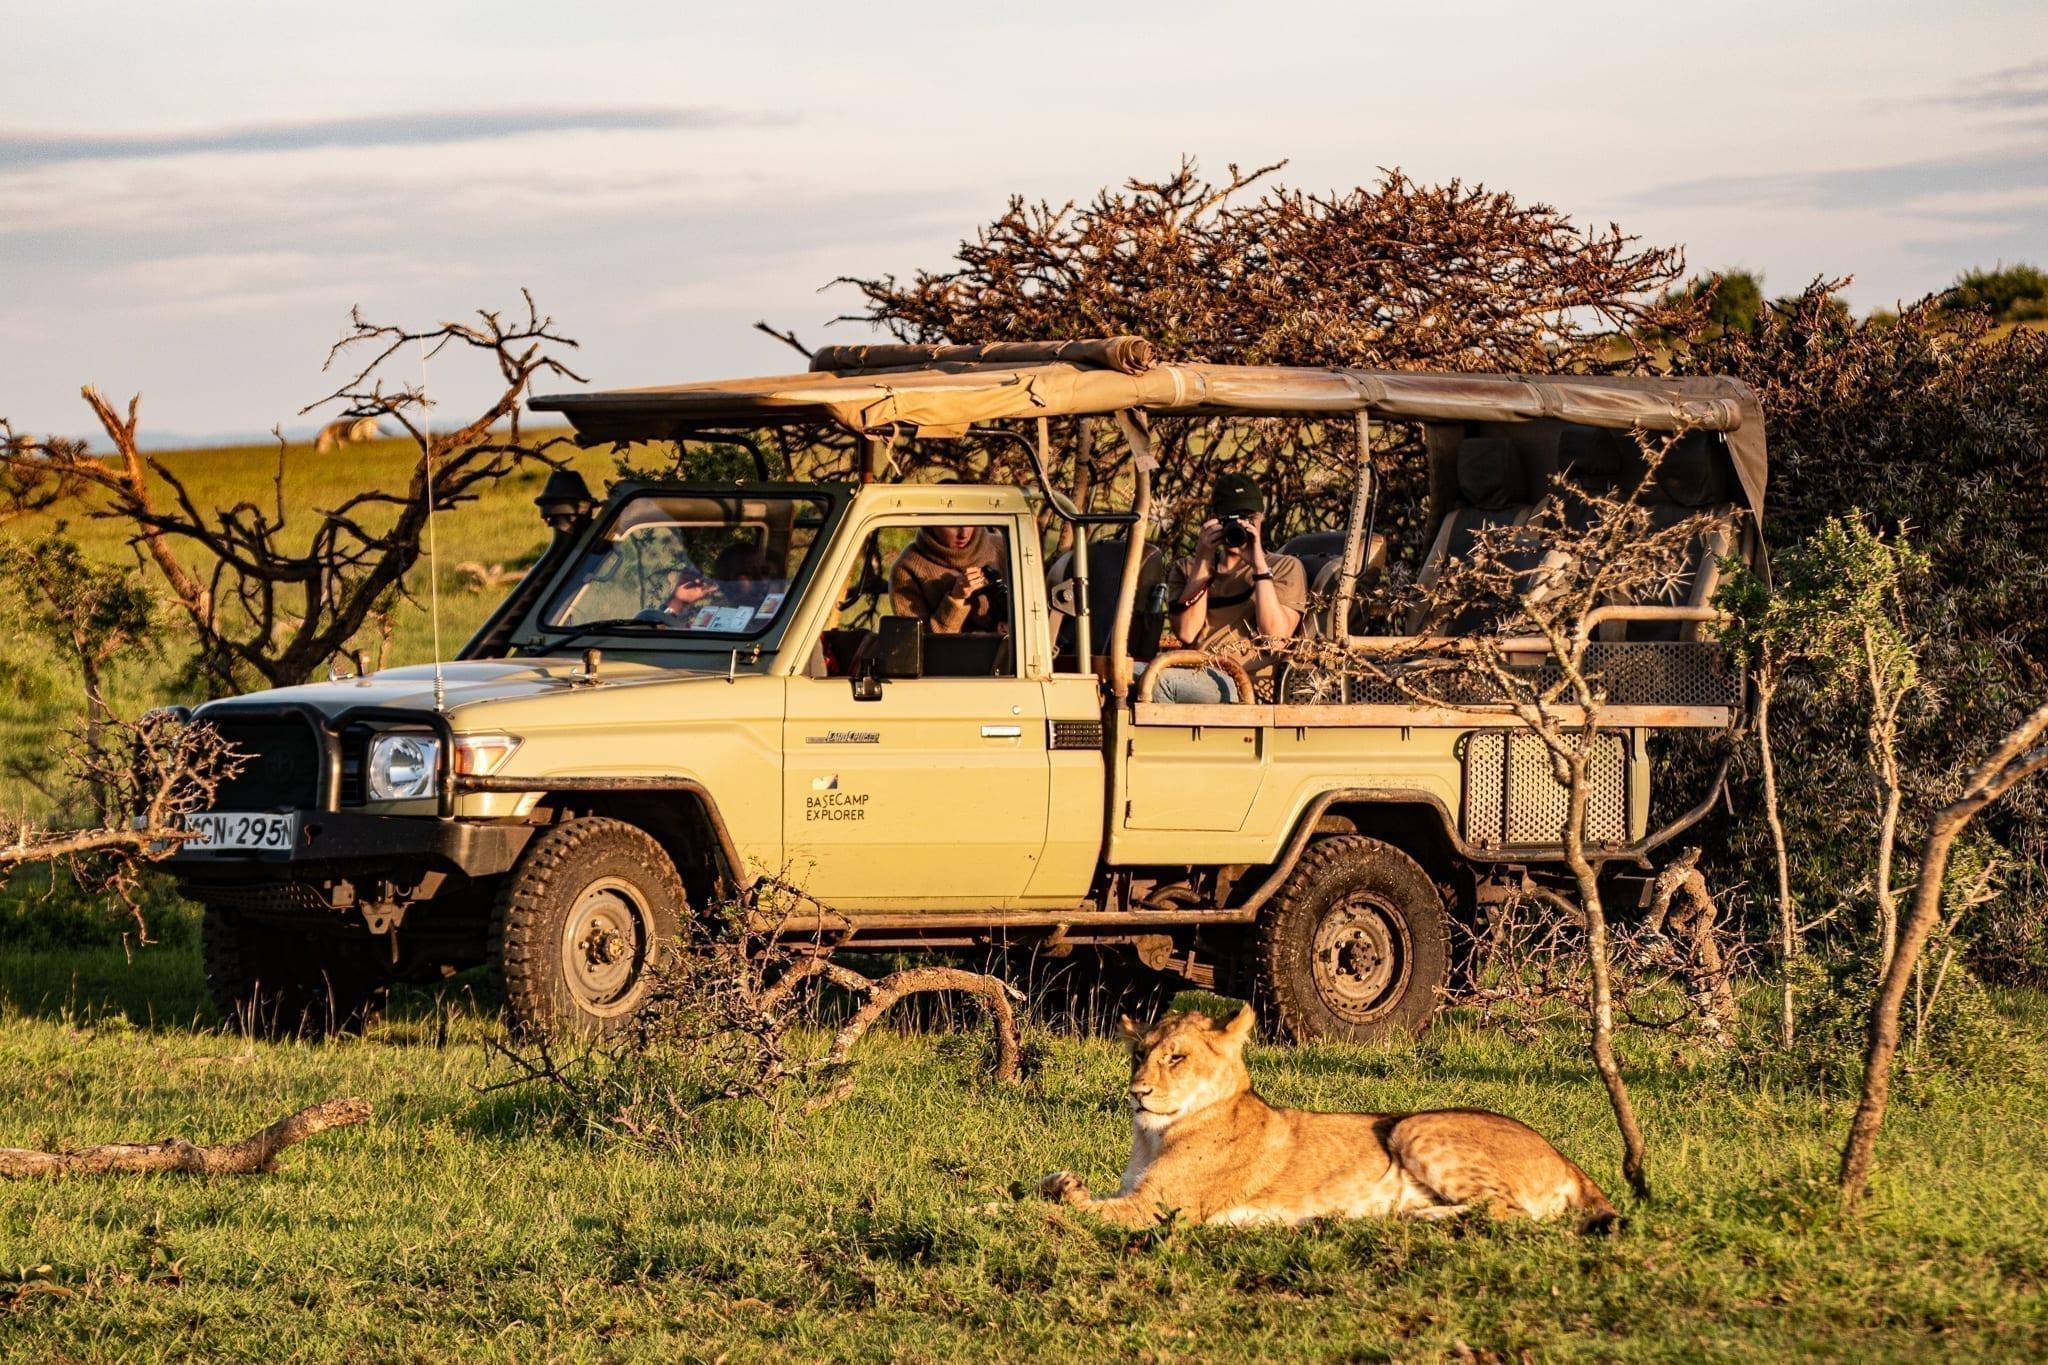 dricks på safari i Kenya - så mycket ska du ge